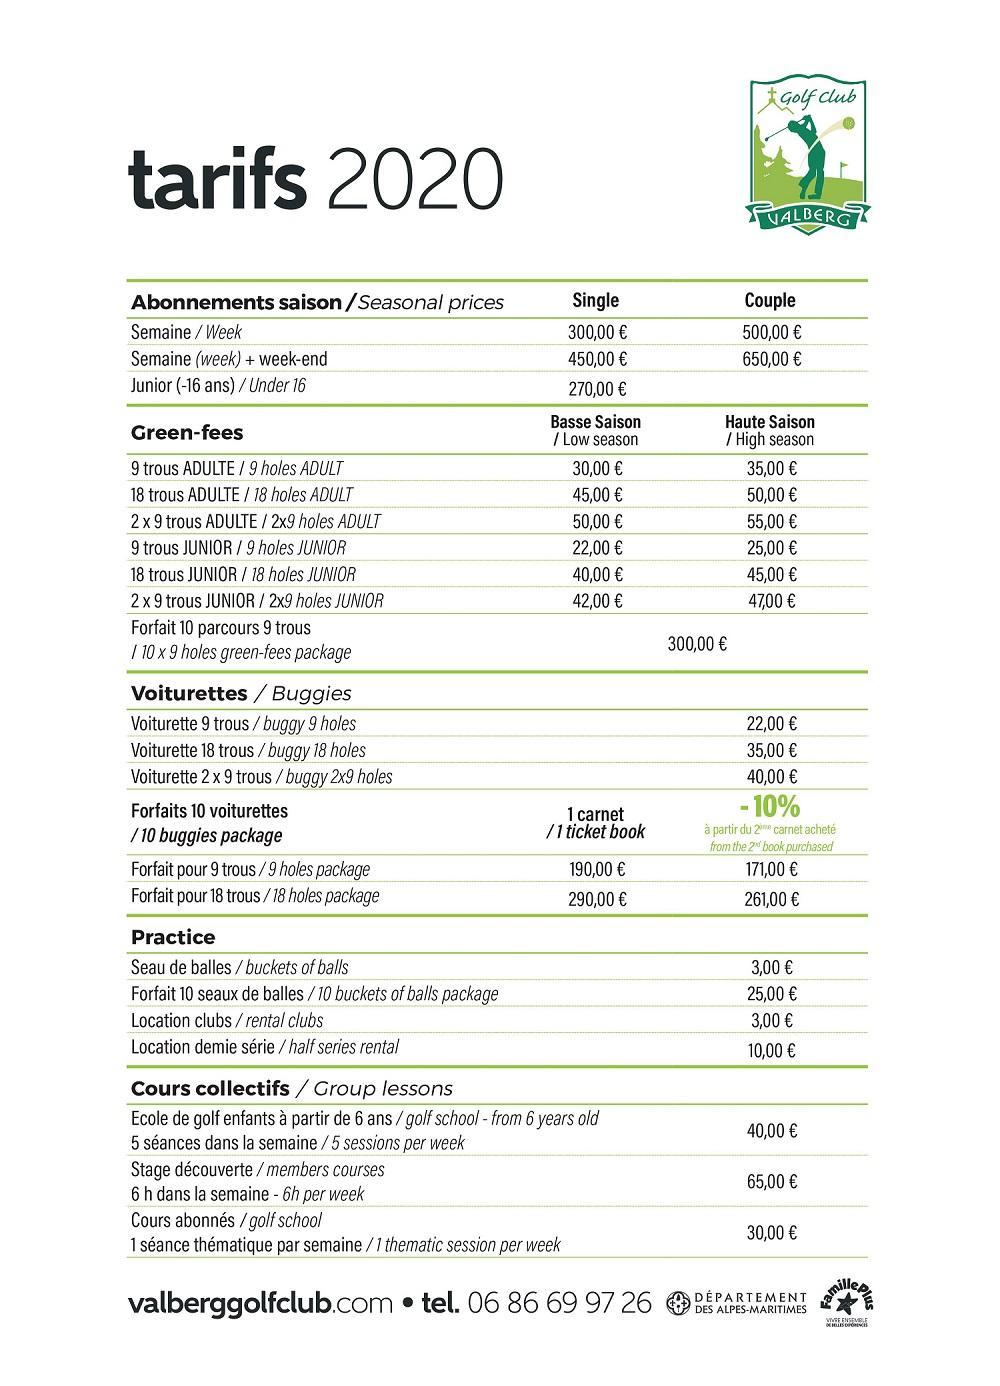 valberg golf tarifs 2020